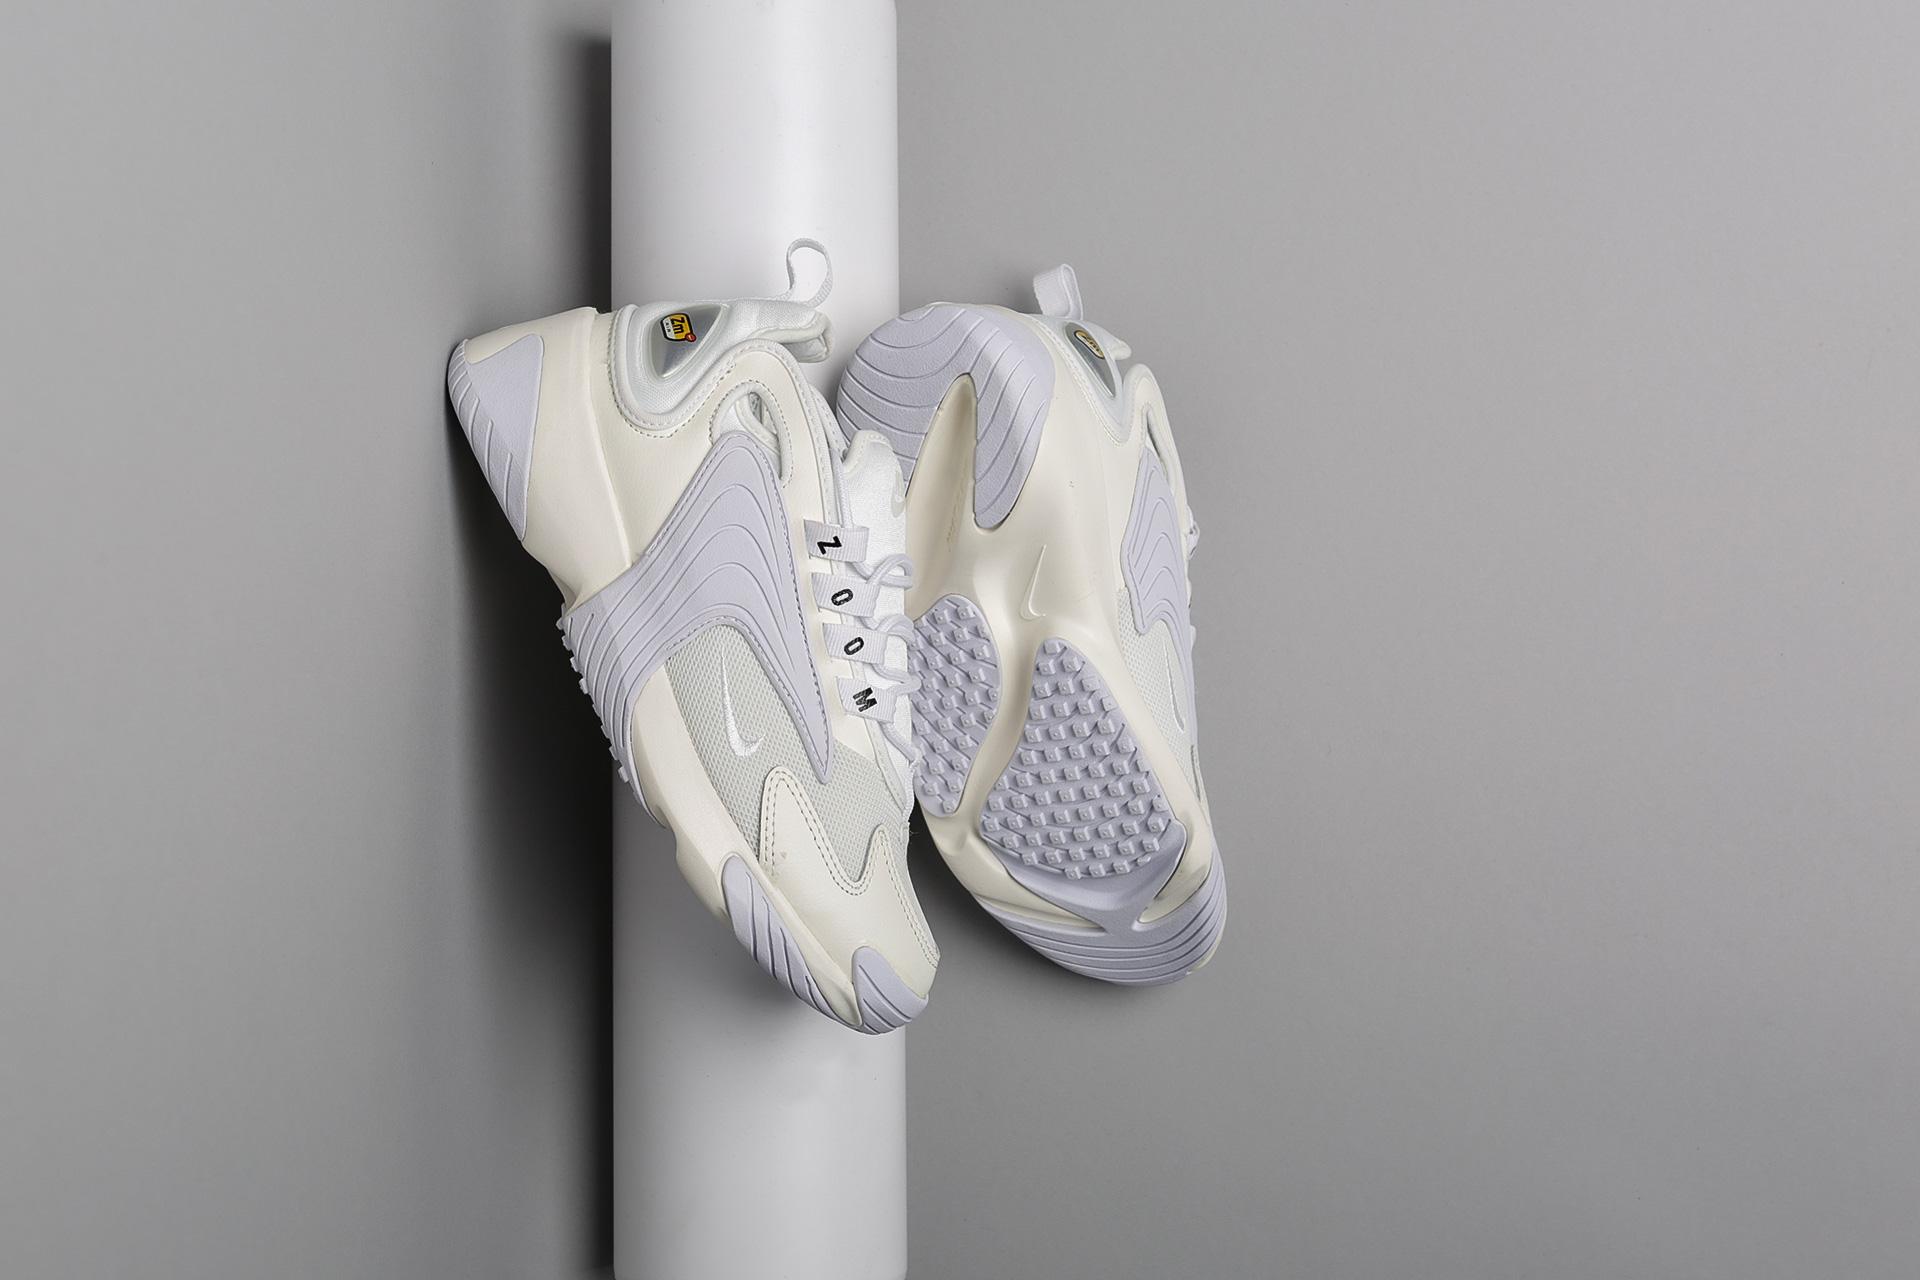 d70d98c2 ... Купить женские белые кроссовки Nike WMNS Zoom 2K - фото 5 картинки ...